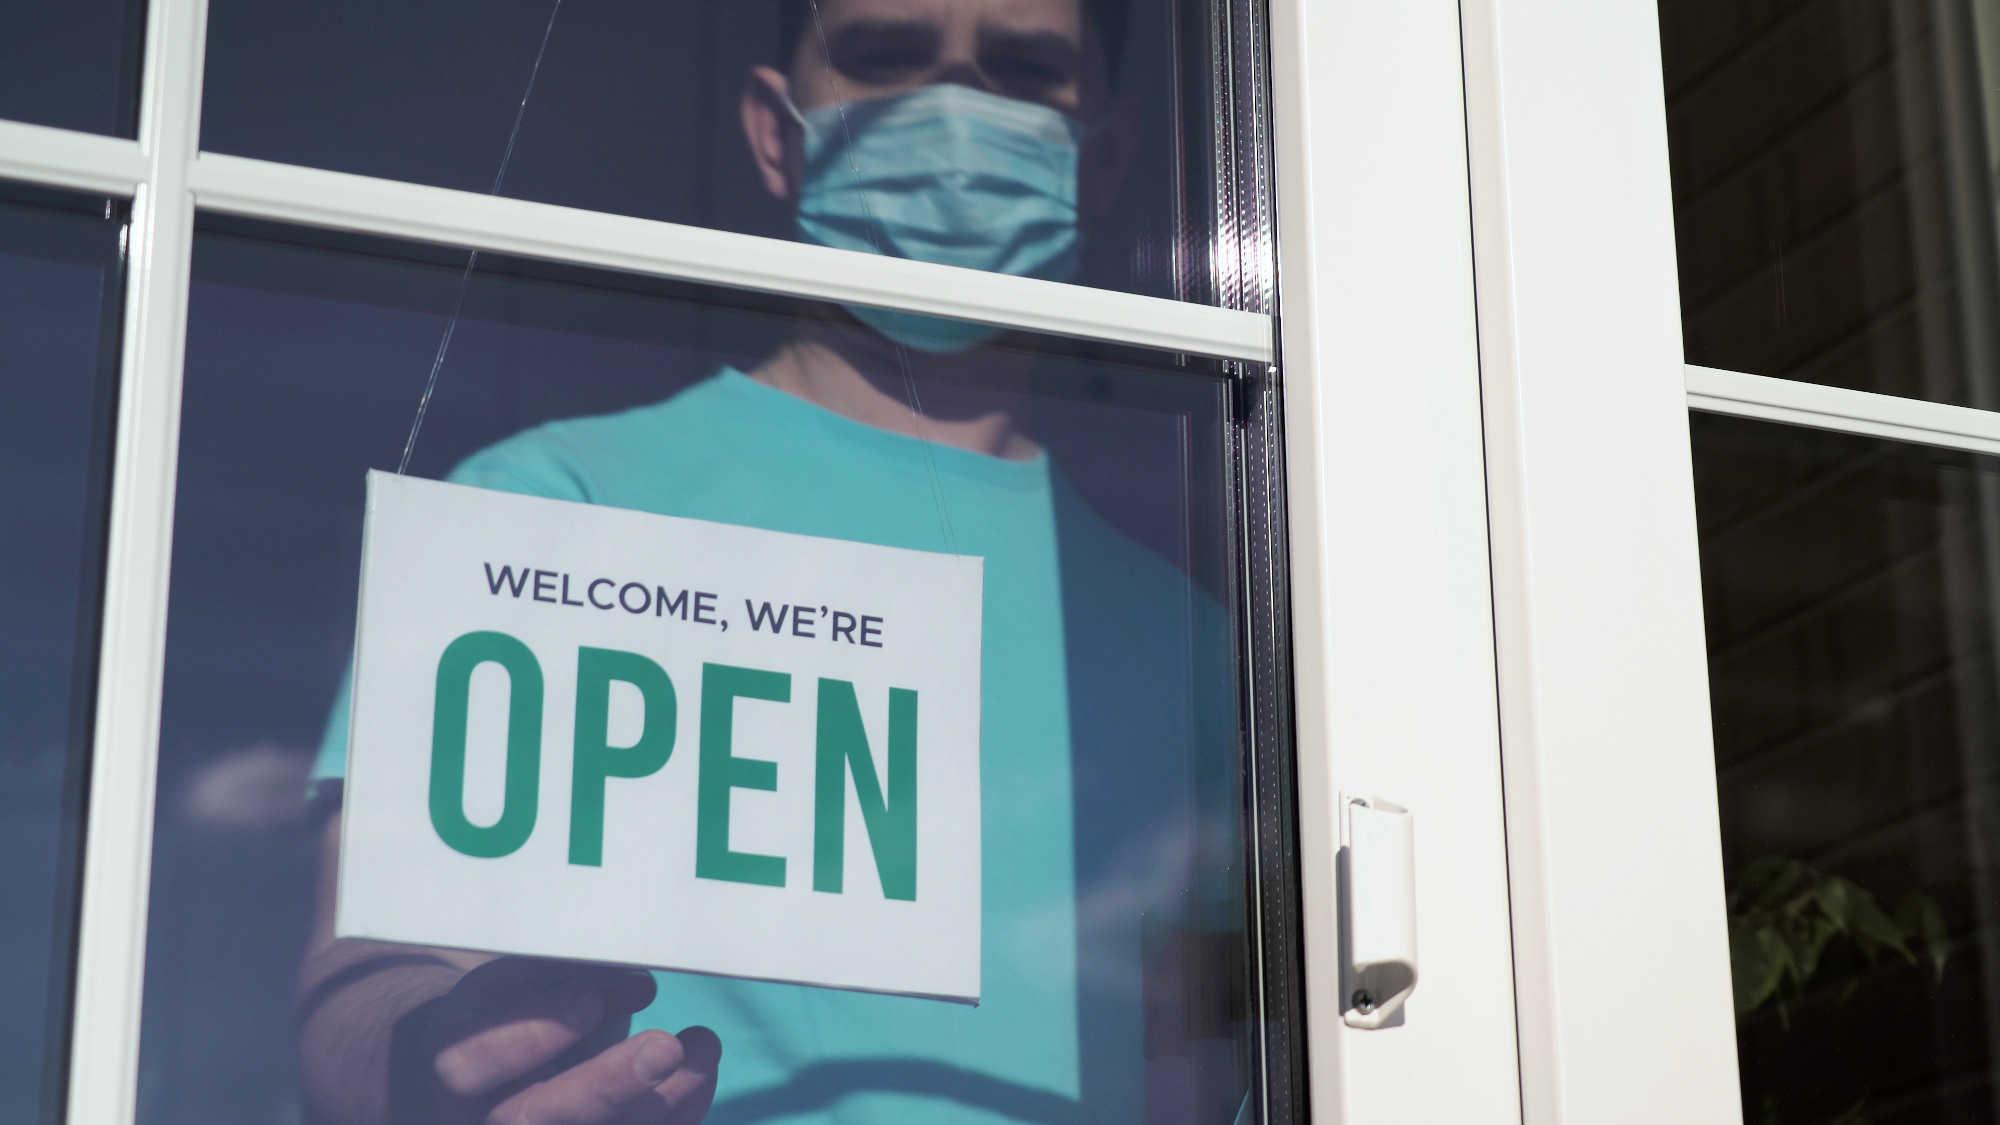 Ponowne otwarcie gabinetów dentystycznych na całym świecie